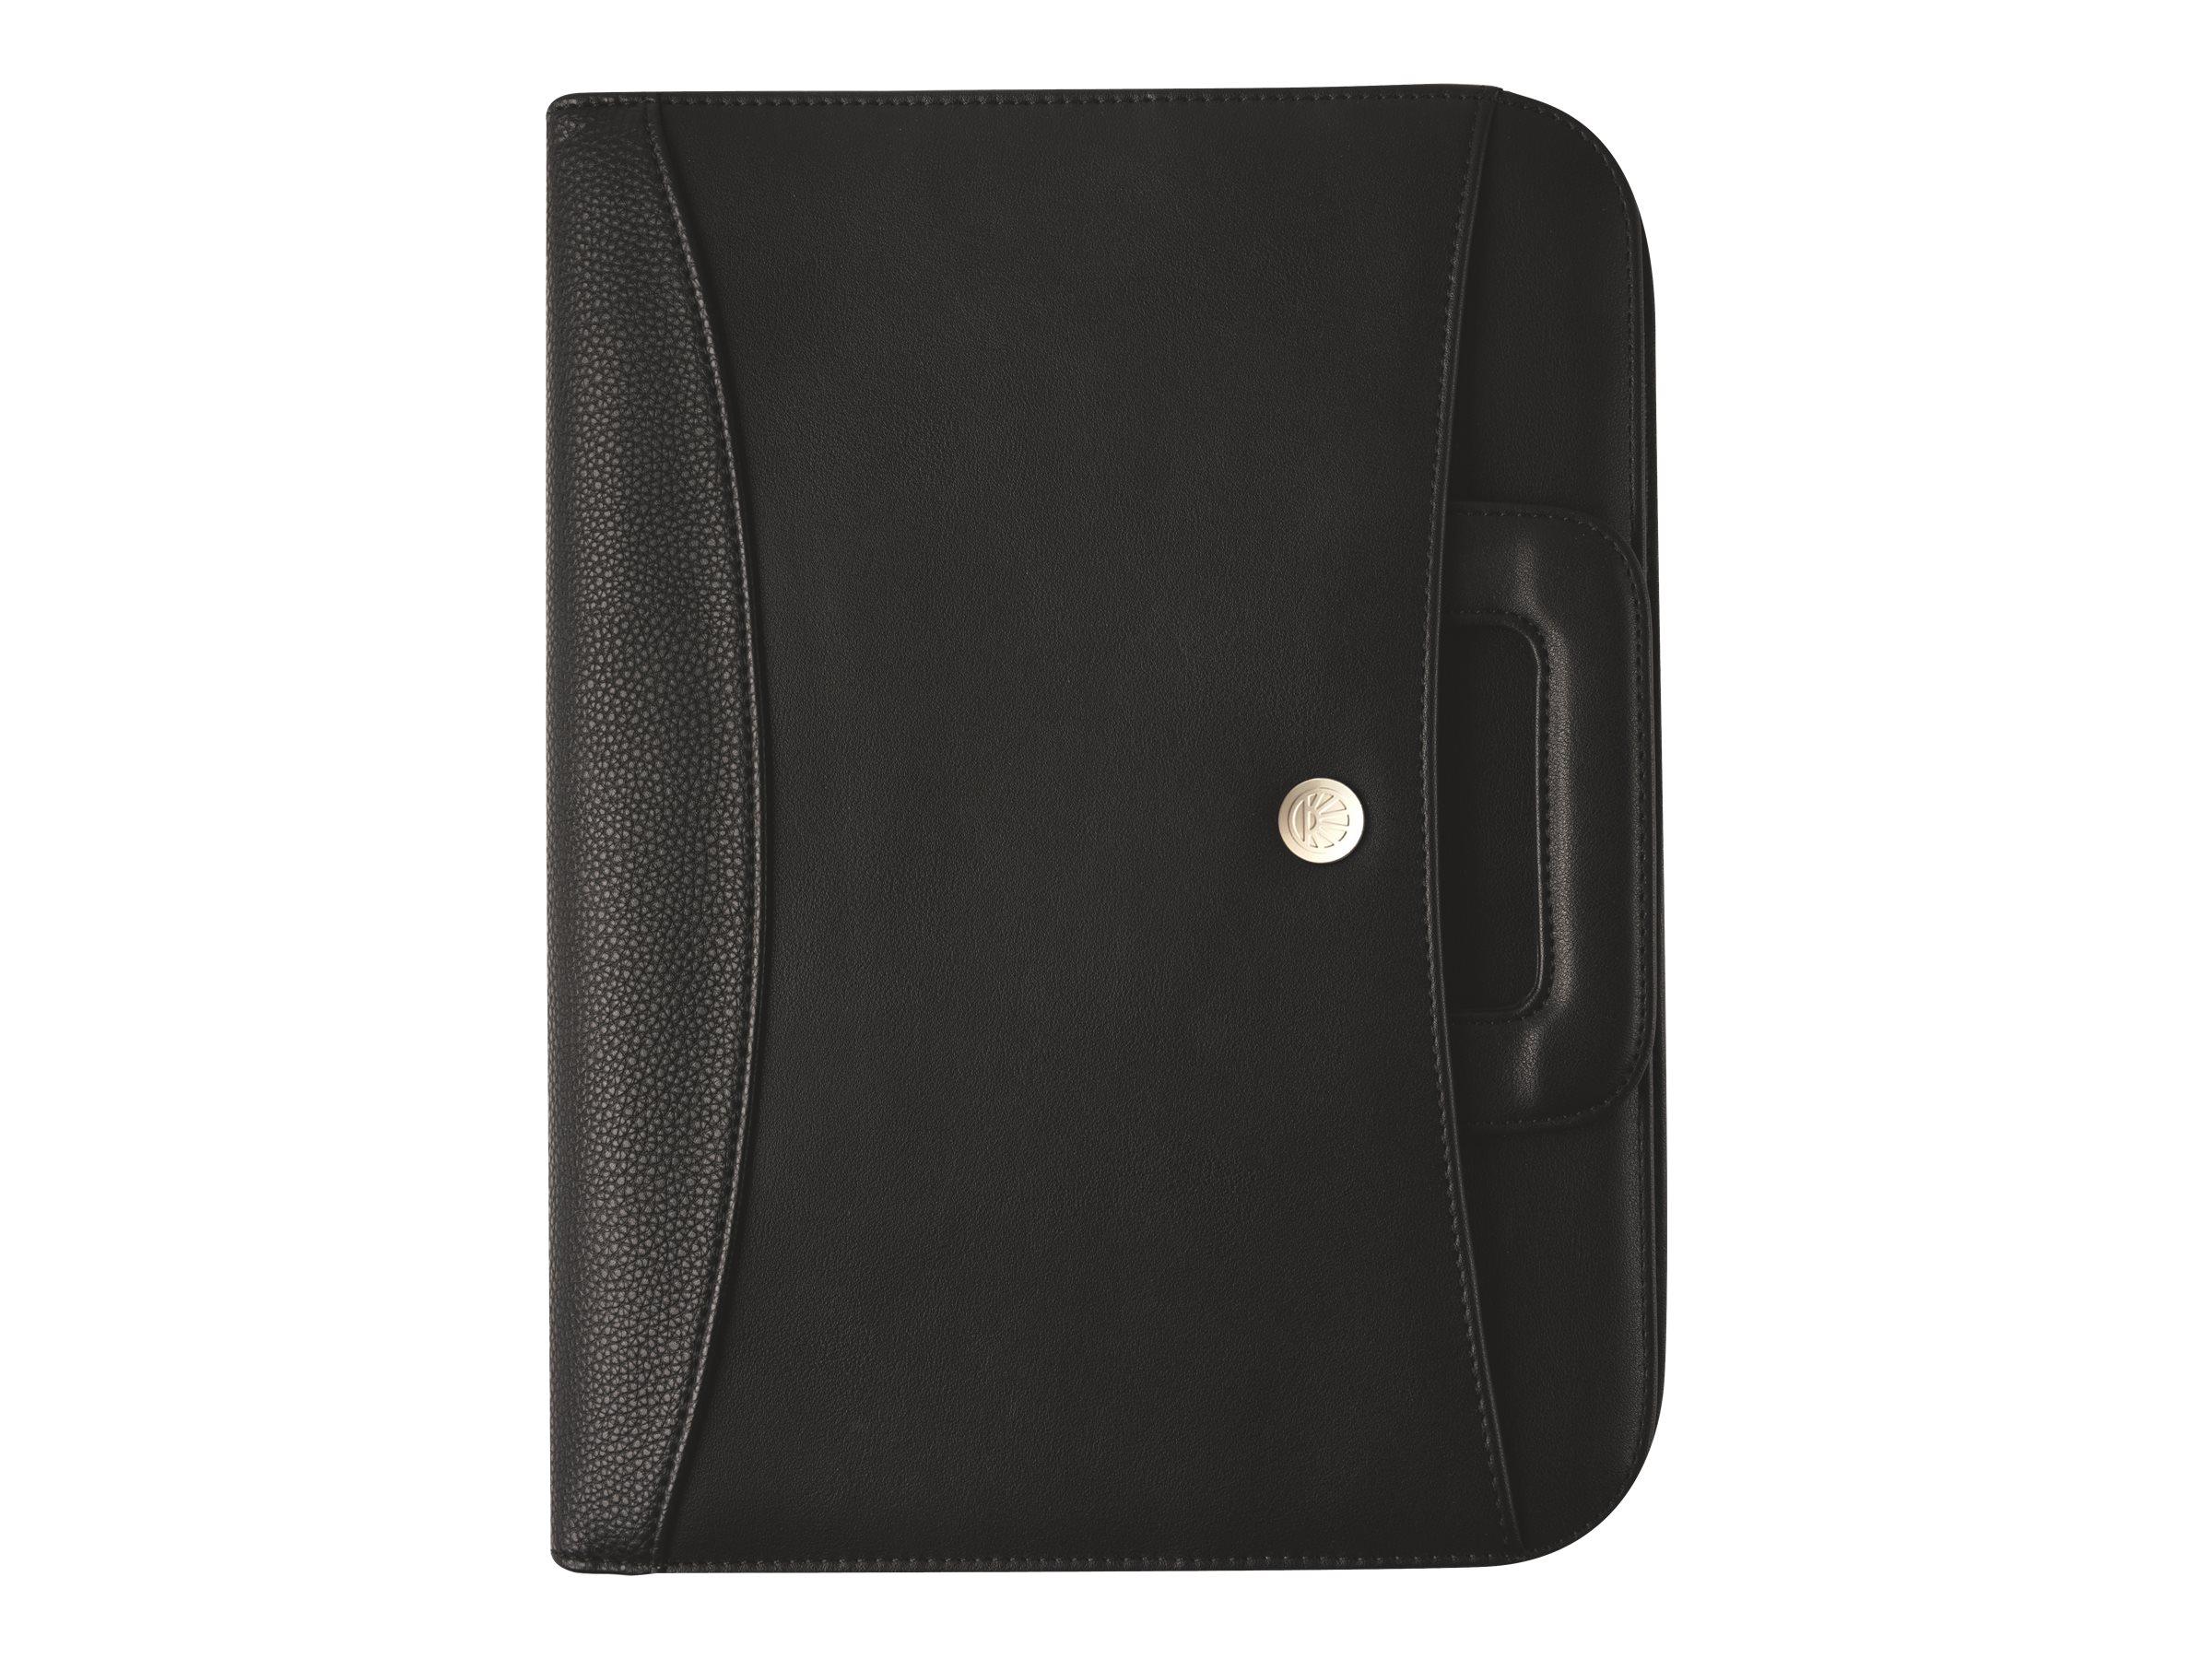 Oberthur Harlem - Conférencier A4 zippé, à poignées - noir